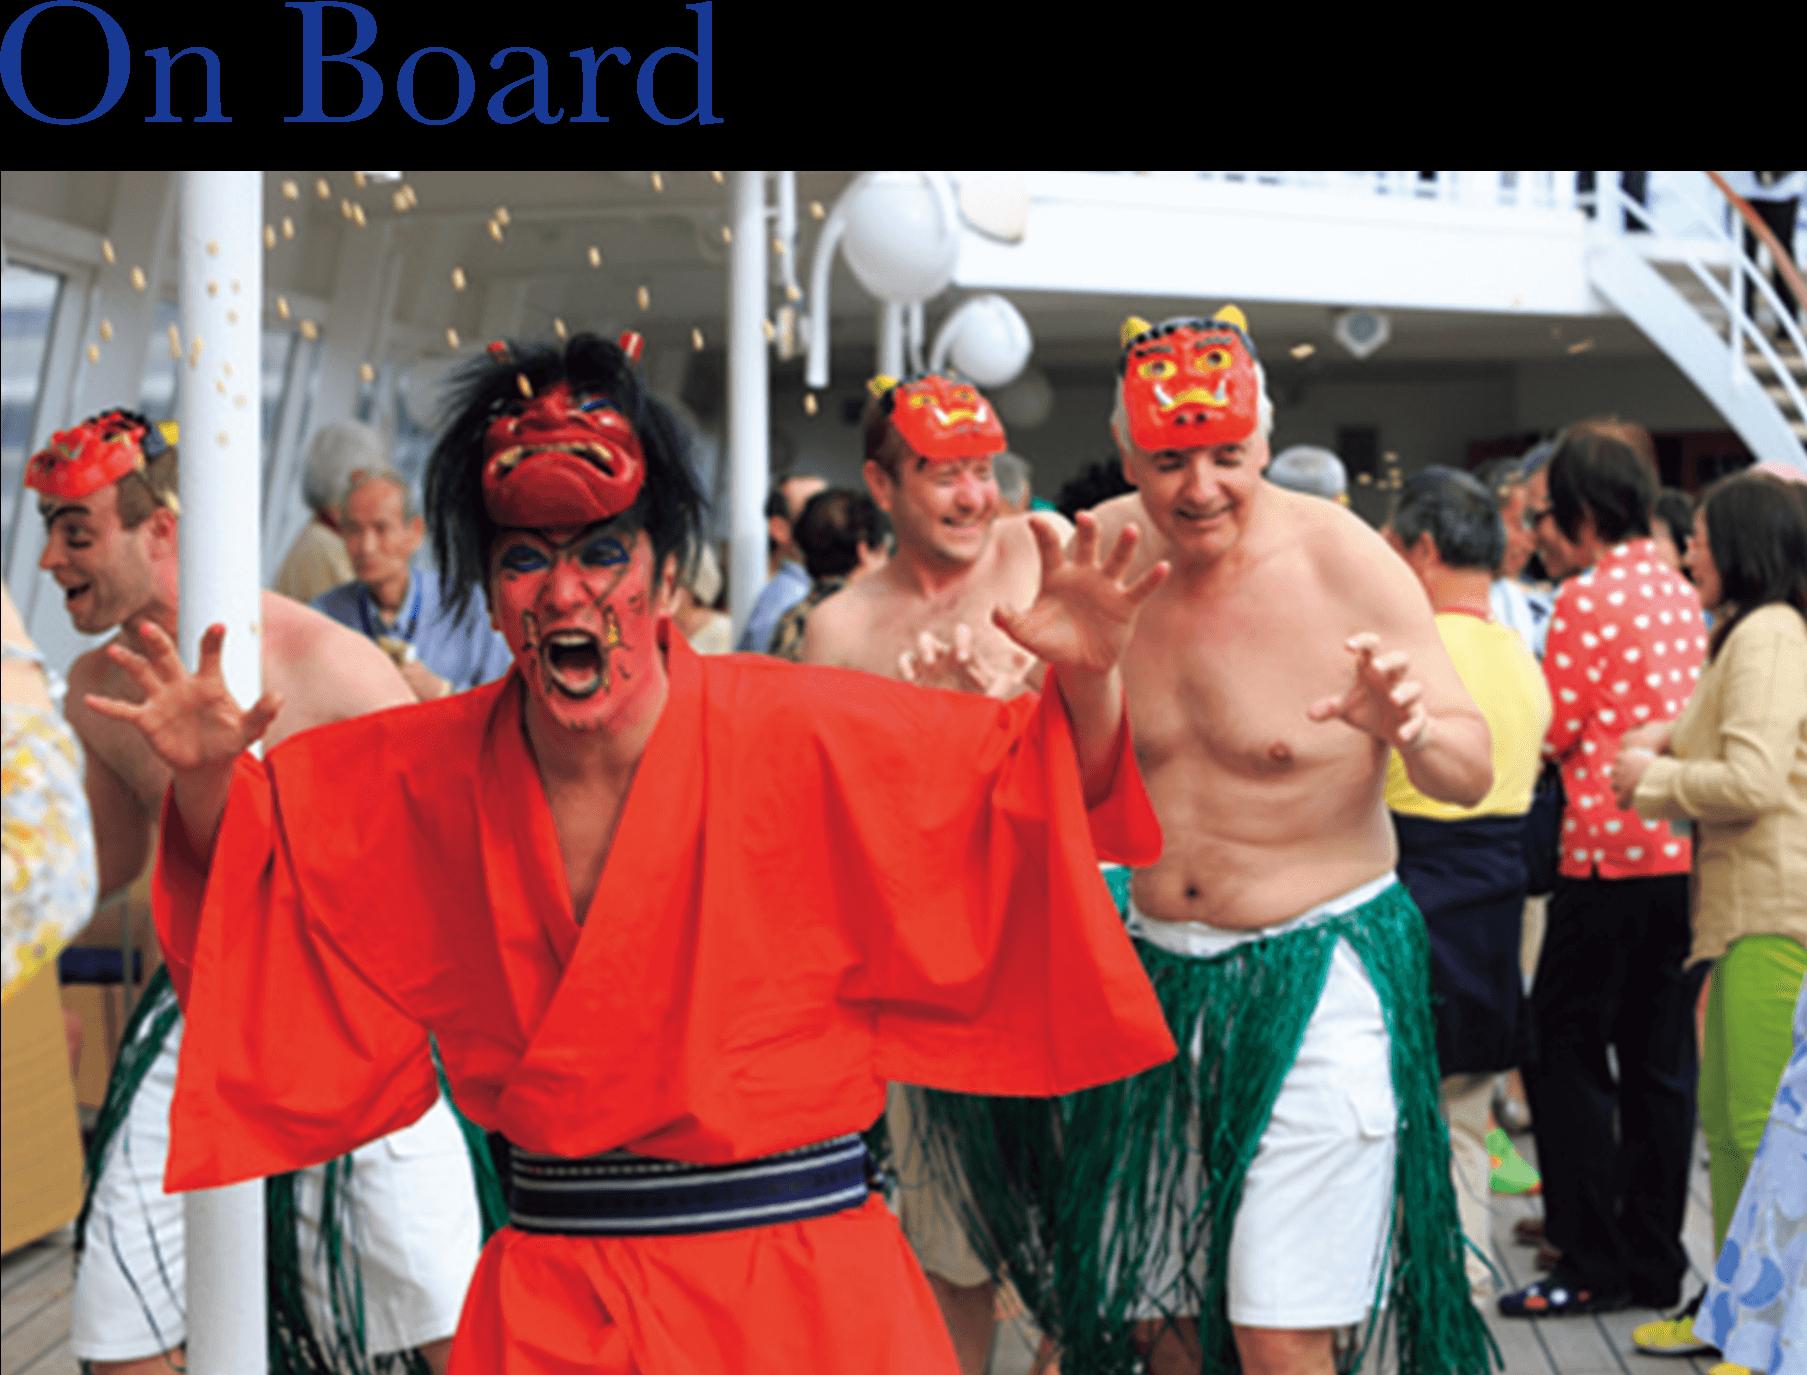 2022年 オセアニアグランドクルーズ On Board 節分イベント 詳細情報